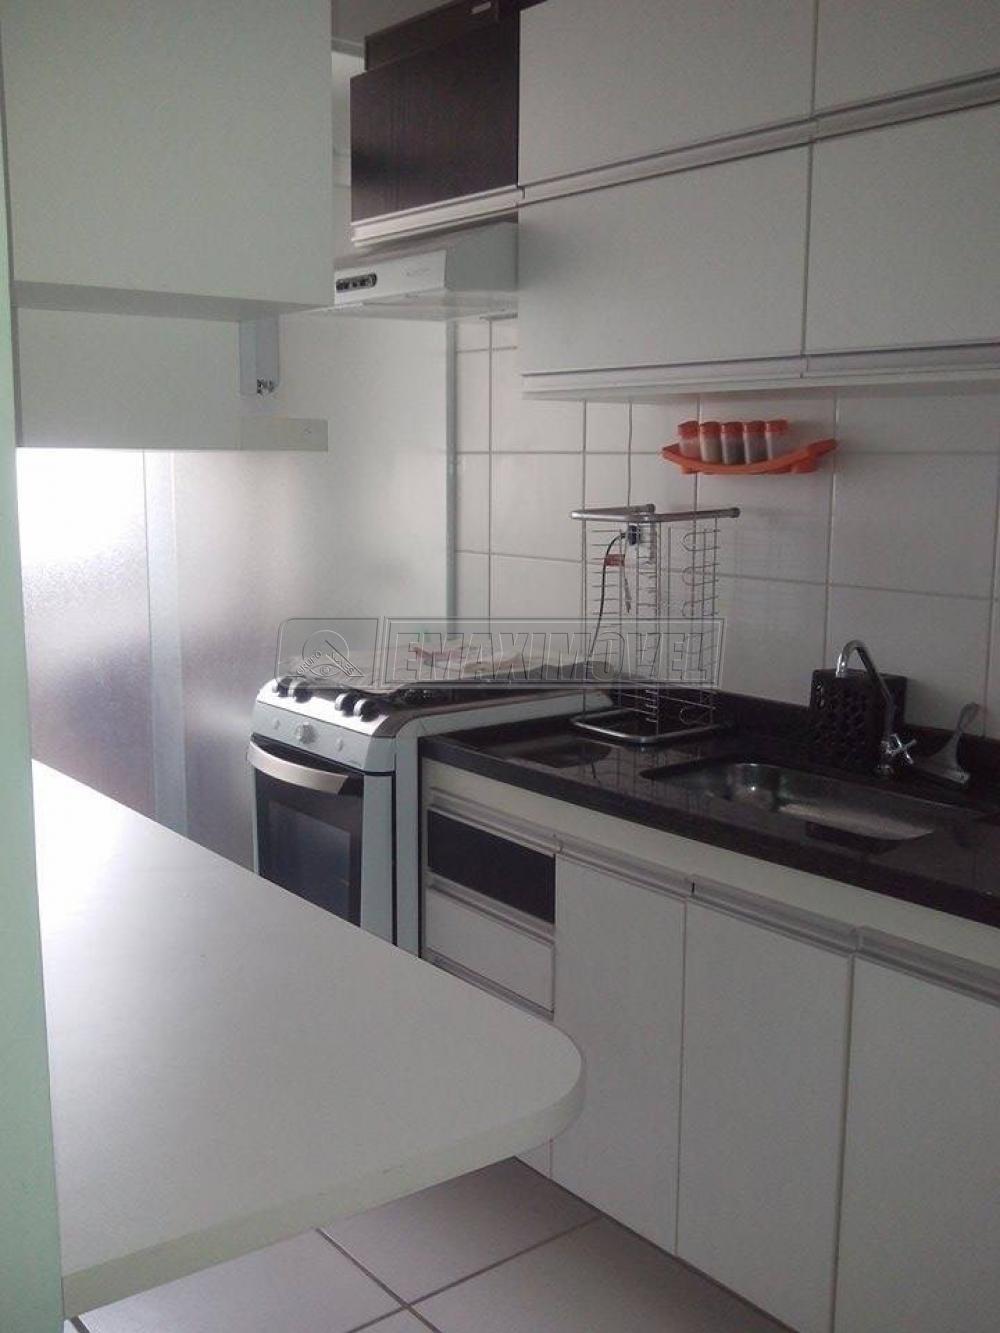 Comprar Apartamentos / Apto Padrão em Sorocaba apenas R$ 195.000,00 - Foto 16